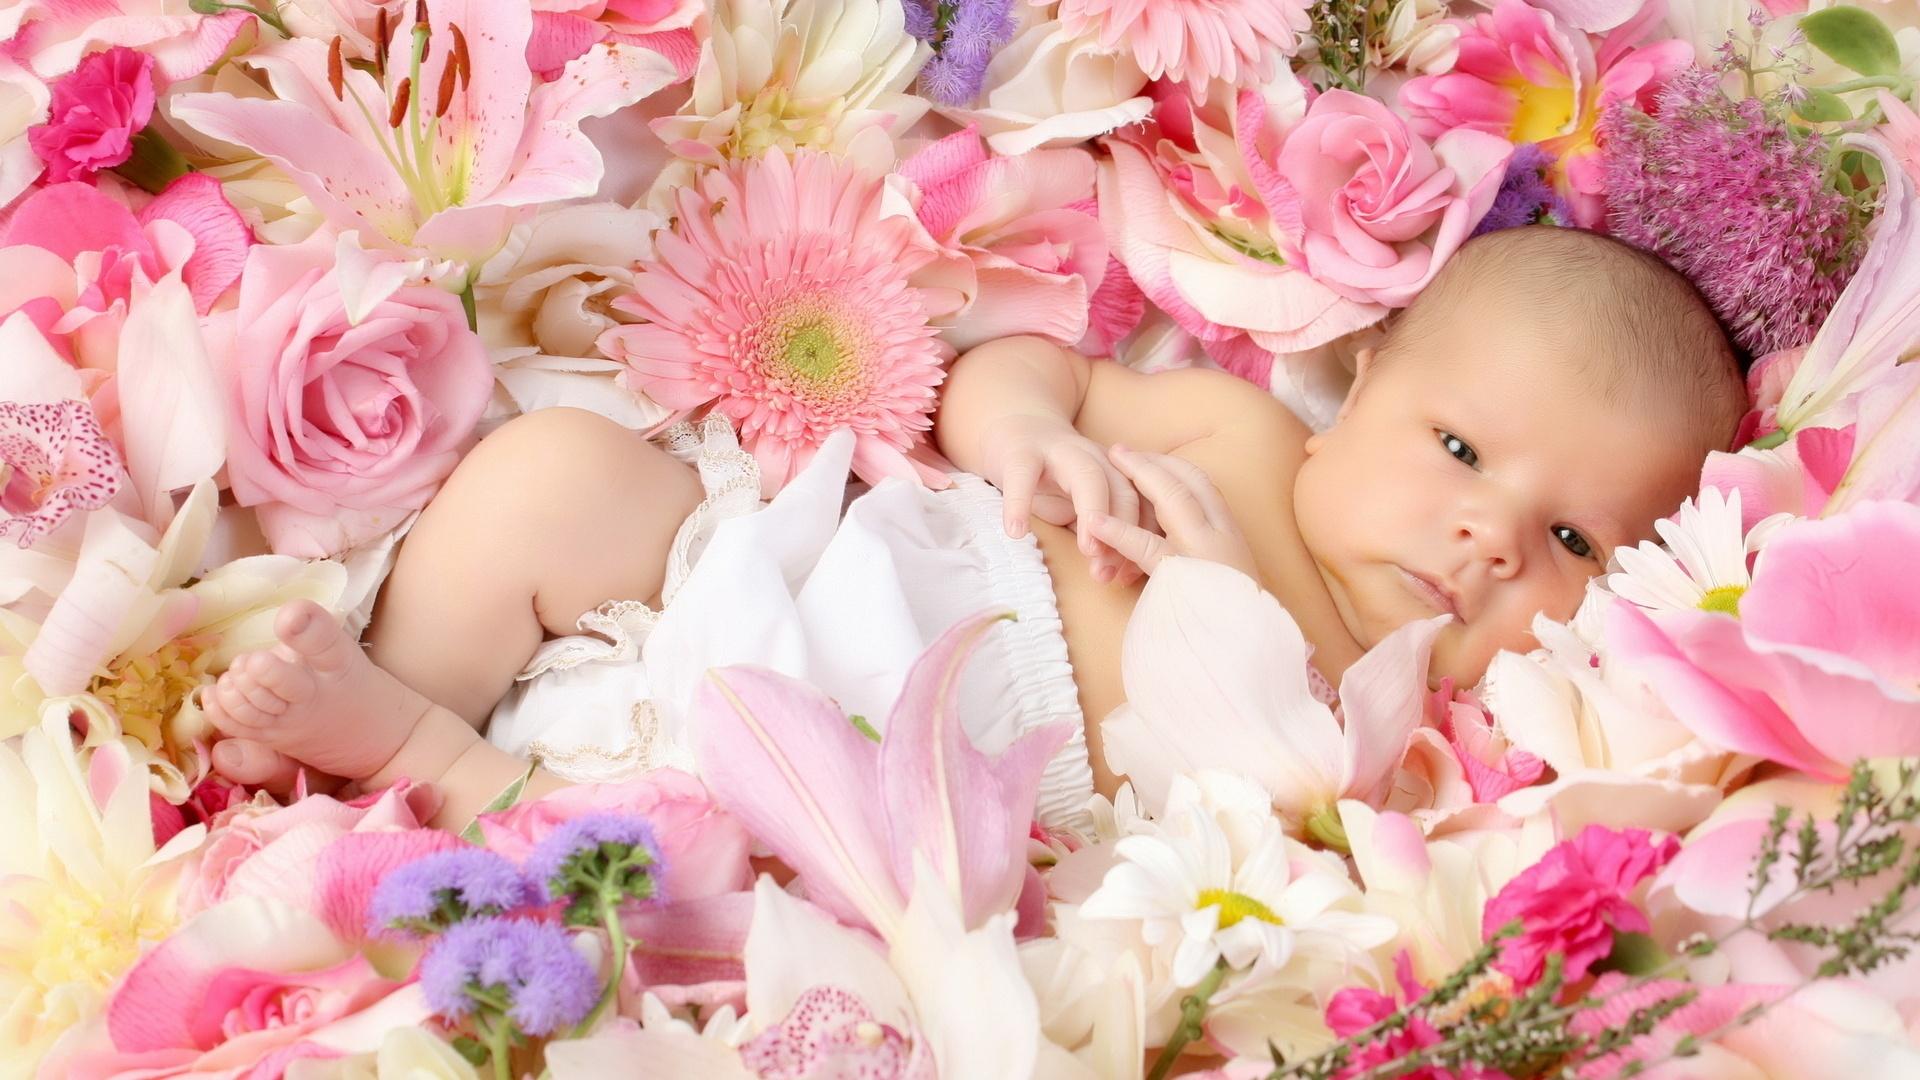 cute little flowers wallpaper - photo #41